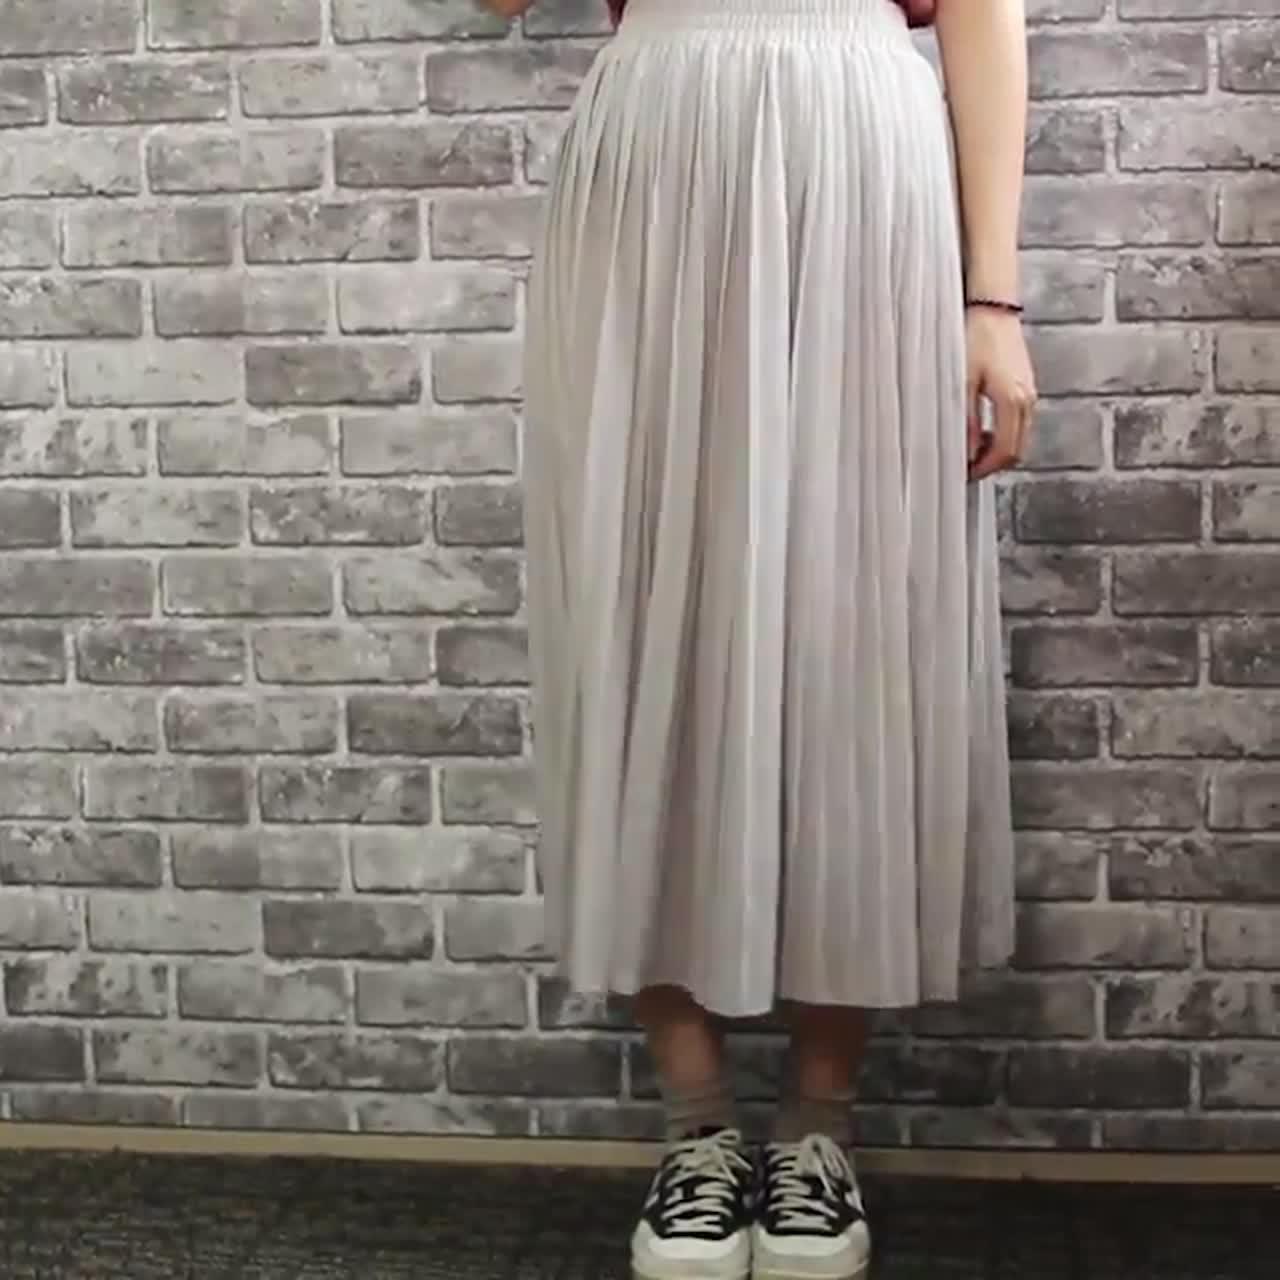 這件穿起來真的很仙,配上球鞋可以中和掉溫柔感,整體也很有日系風呢!